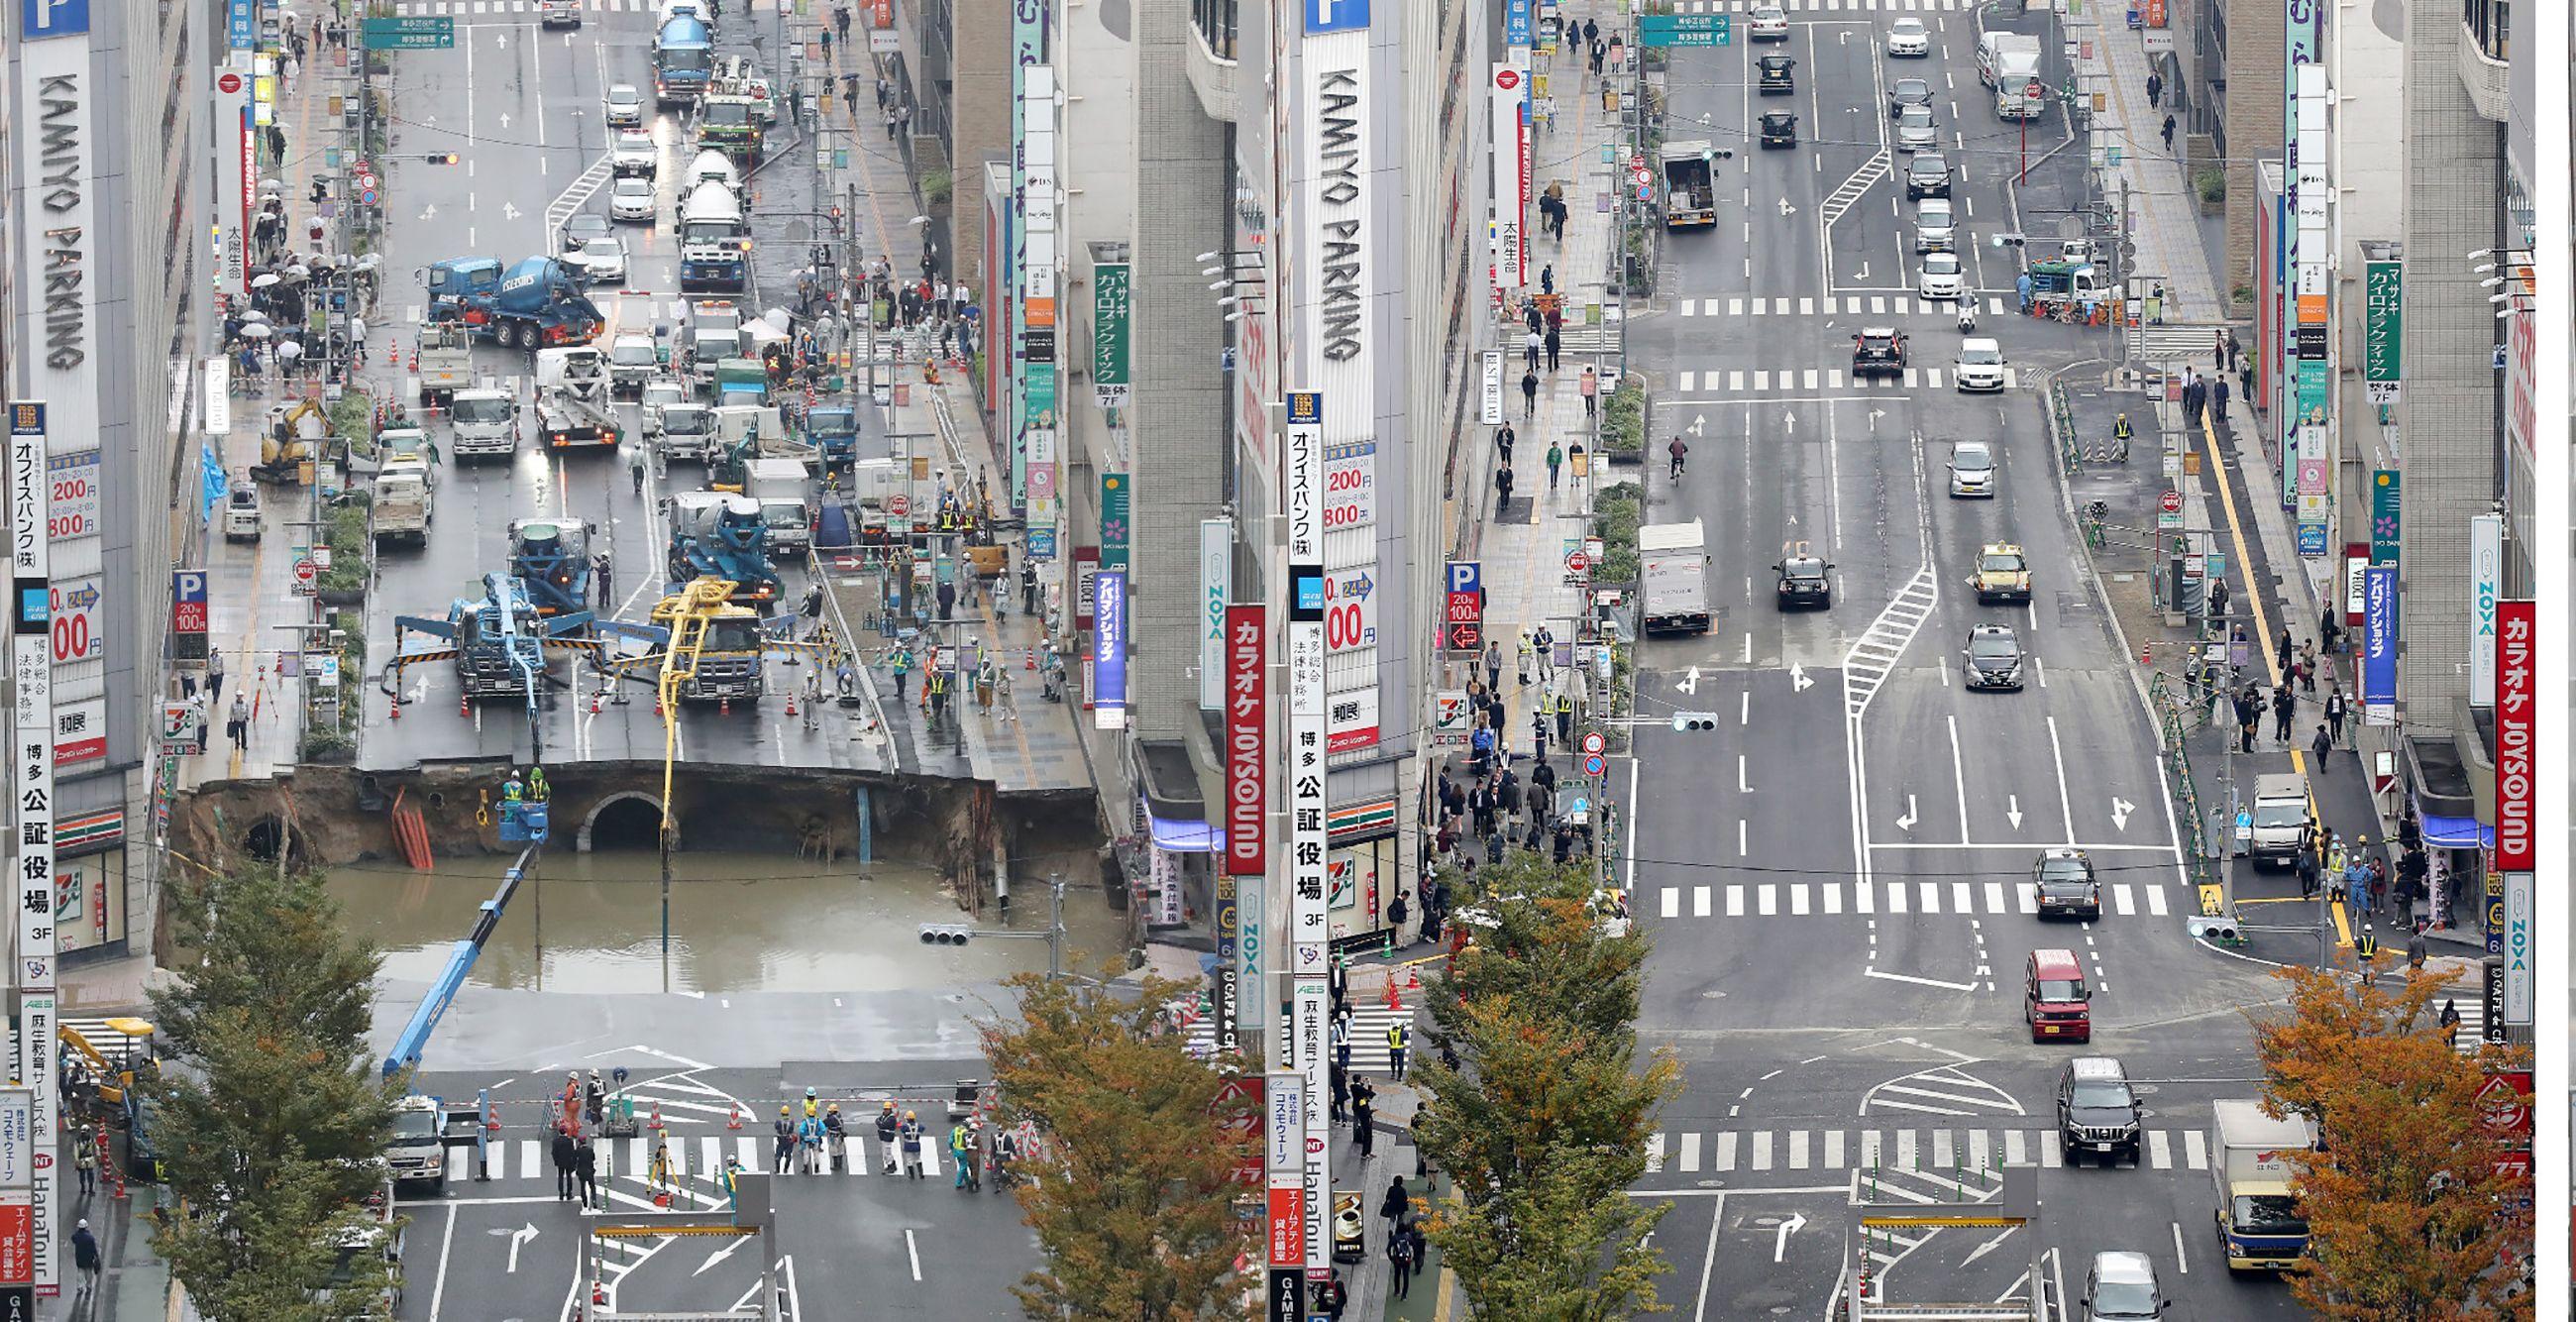 El enorme agujero que apareció en una ciudad japonesa y fue reparado en apenas 48 horas.